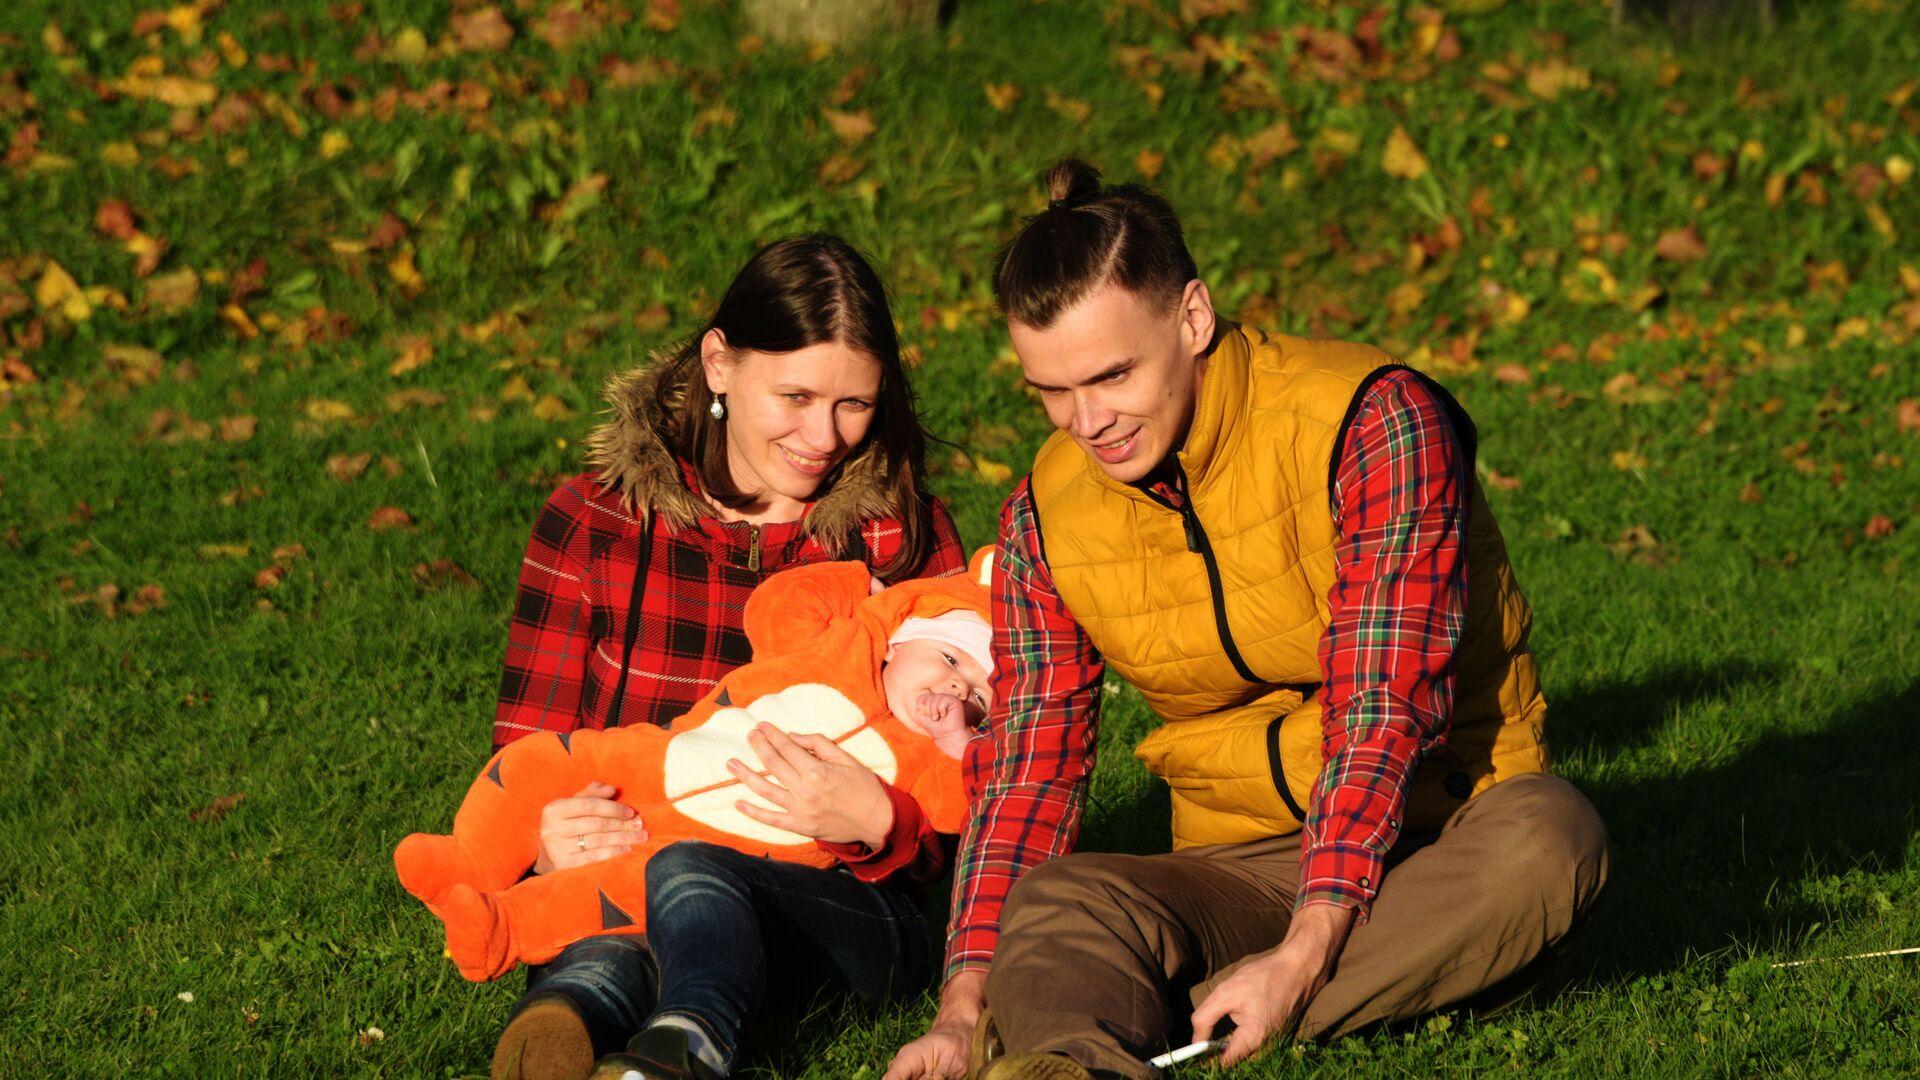 Молодая семья с ребенком, архивное фото - Sputnik Беларусь, 1920, 21.09.2021